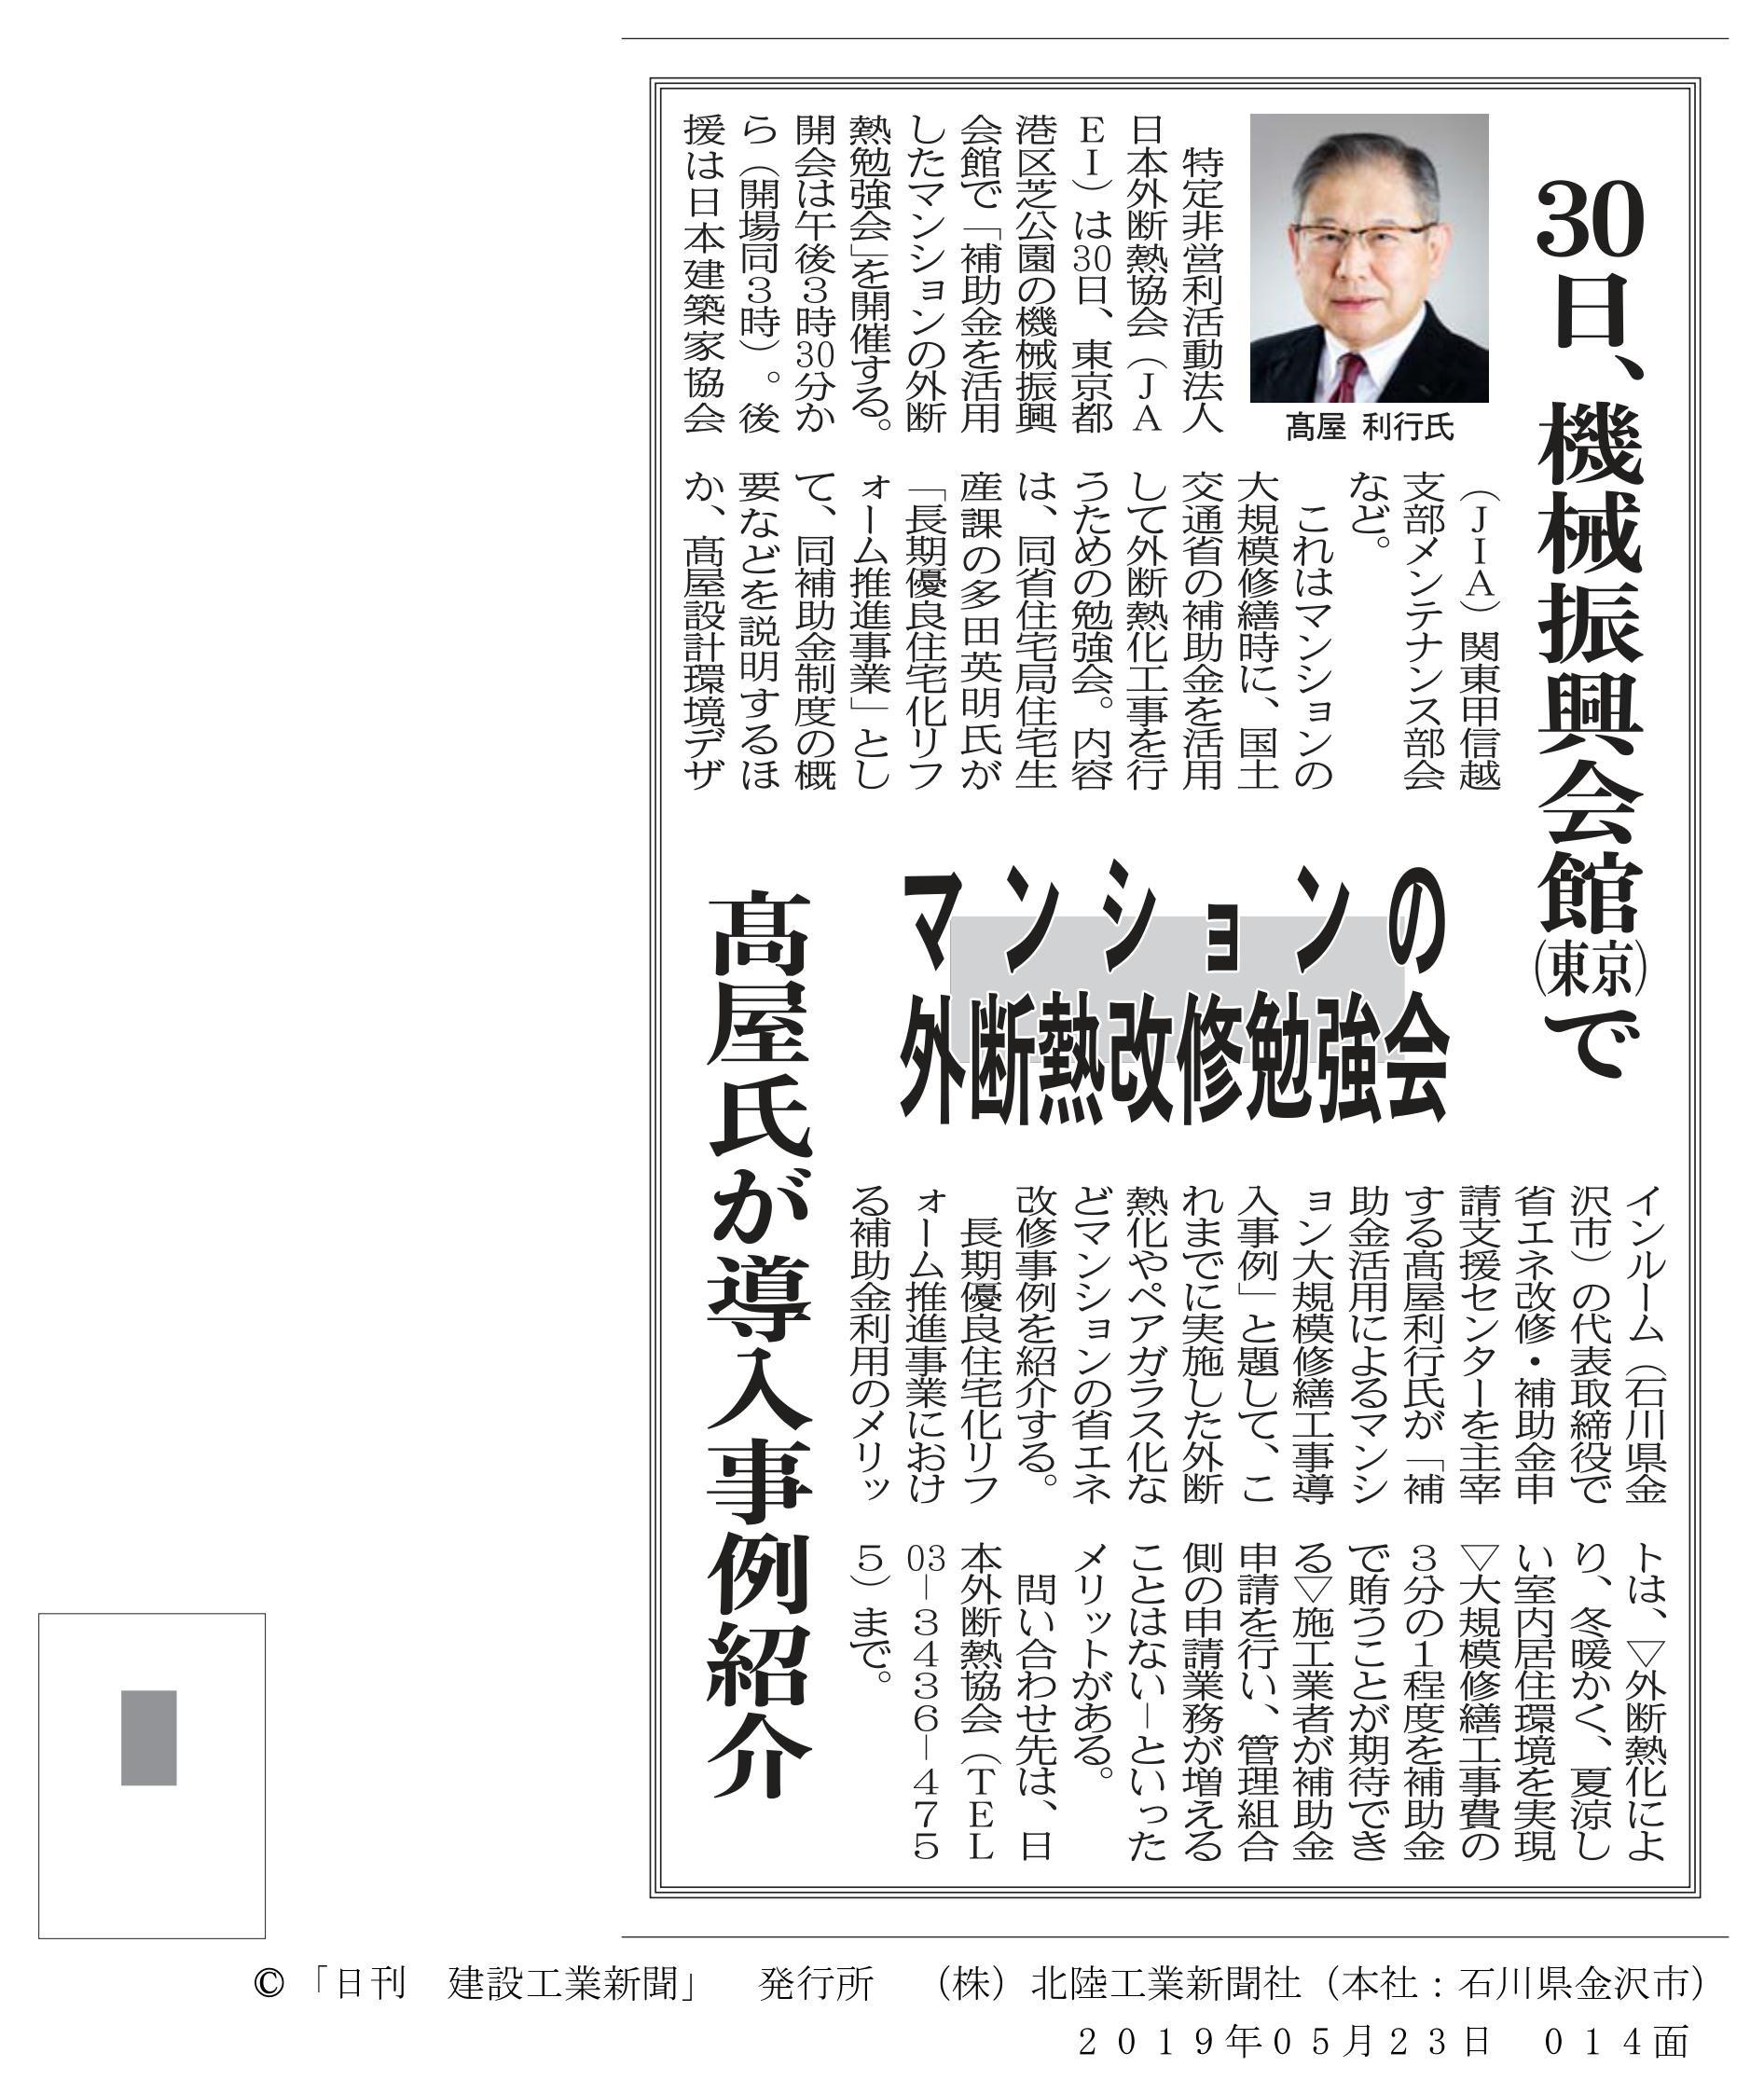 5月23日ブログ用工業新聞記事